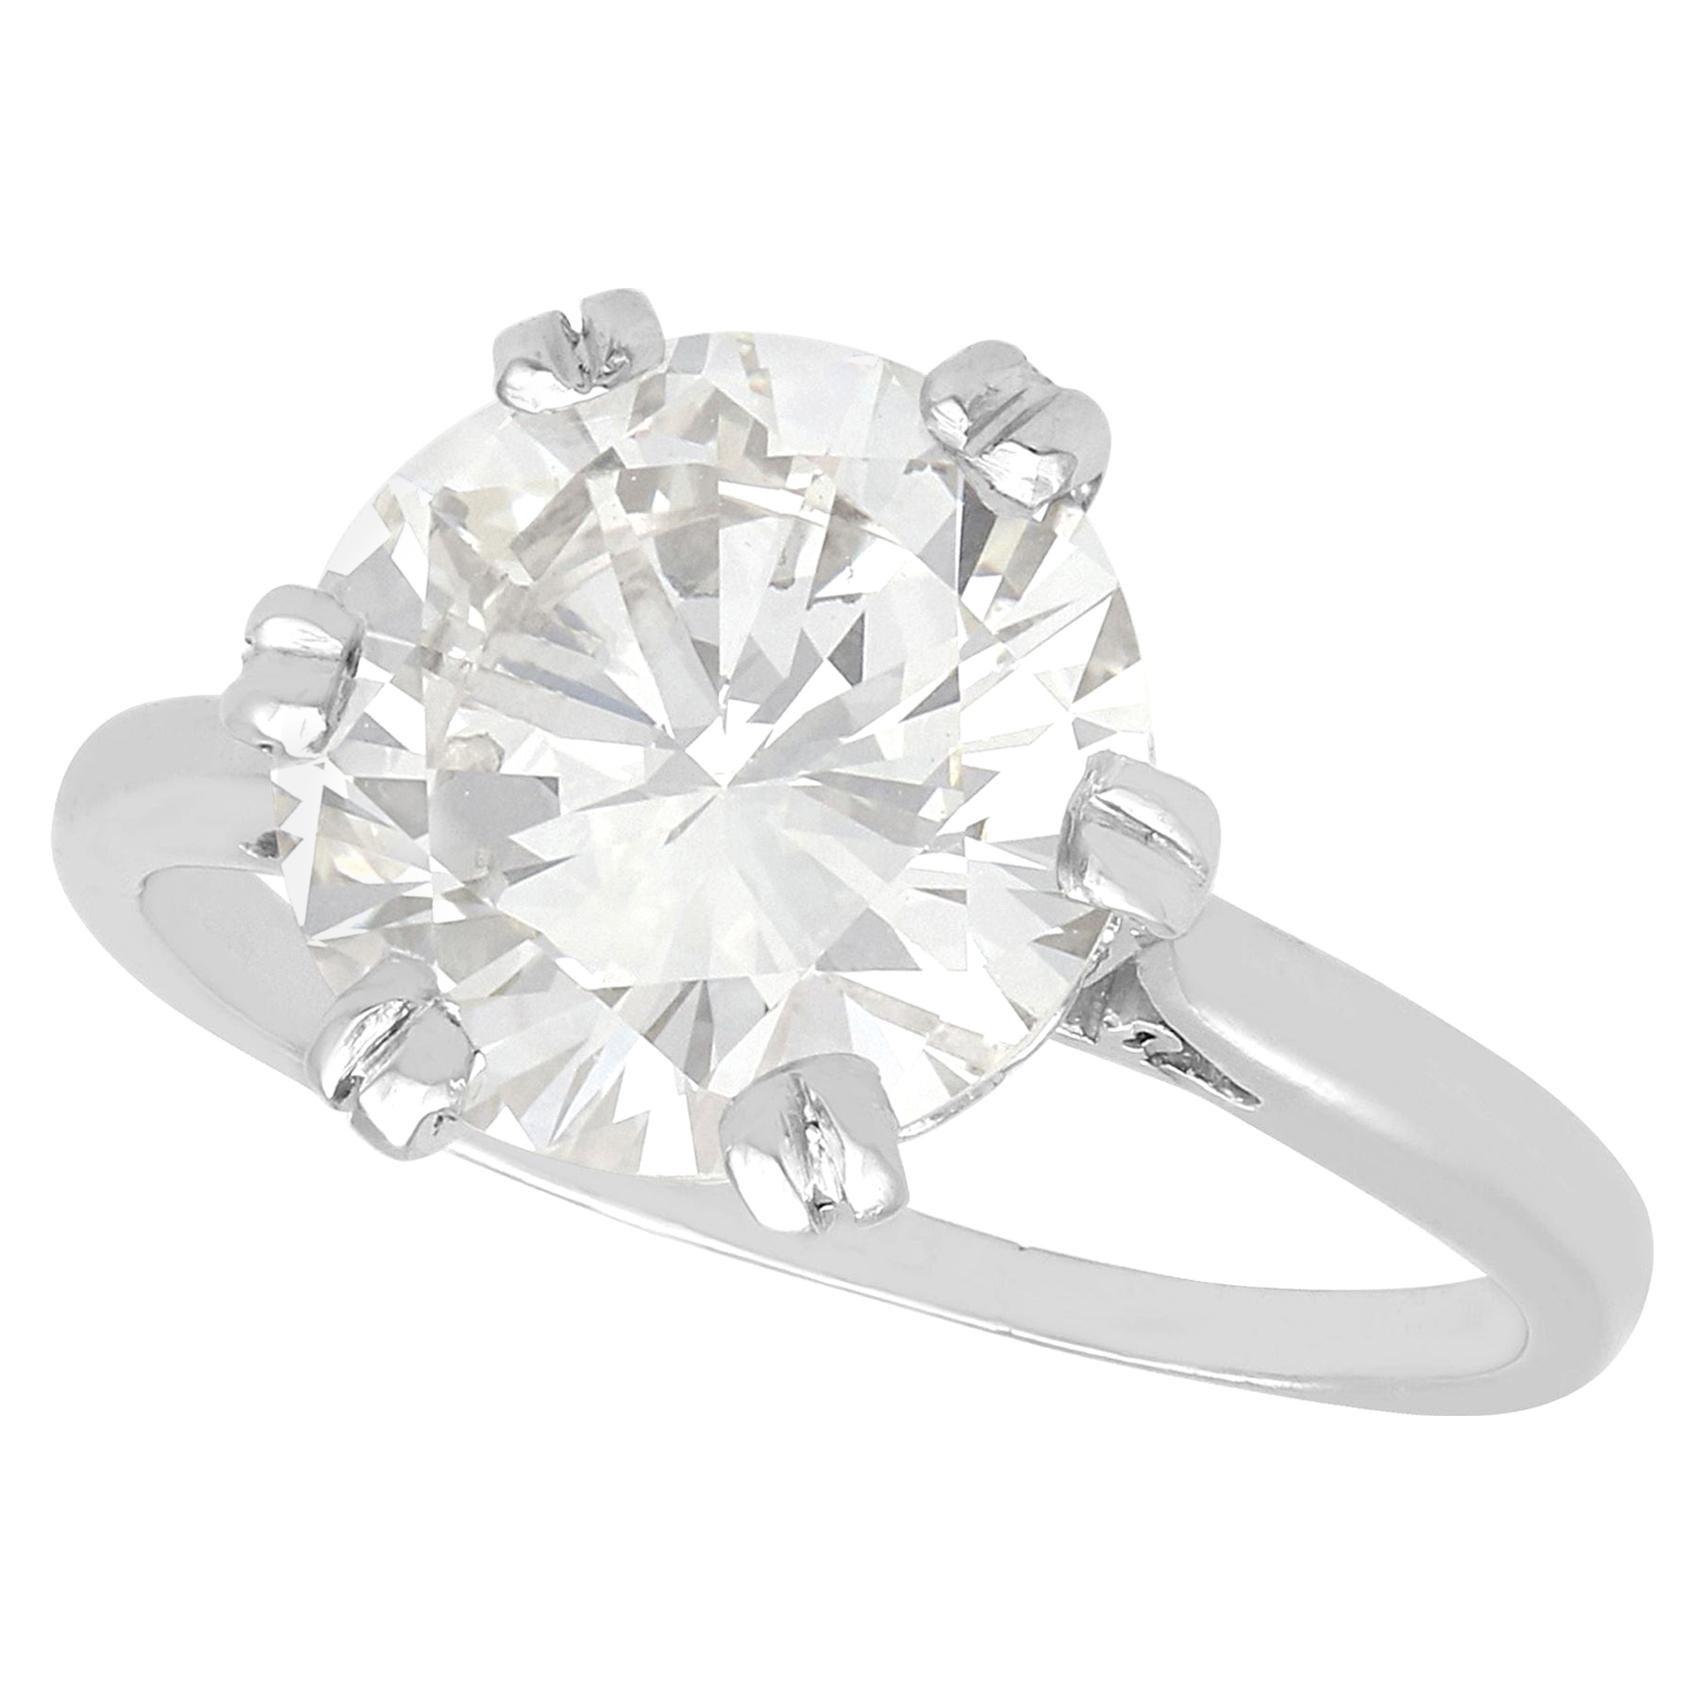 1950s 3.03 Carat Diamond and Platinum Solitaire Ring